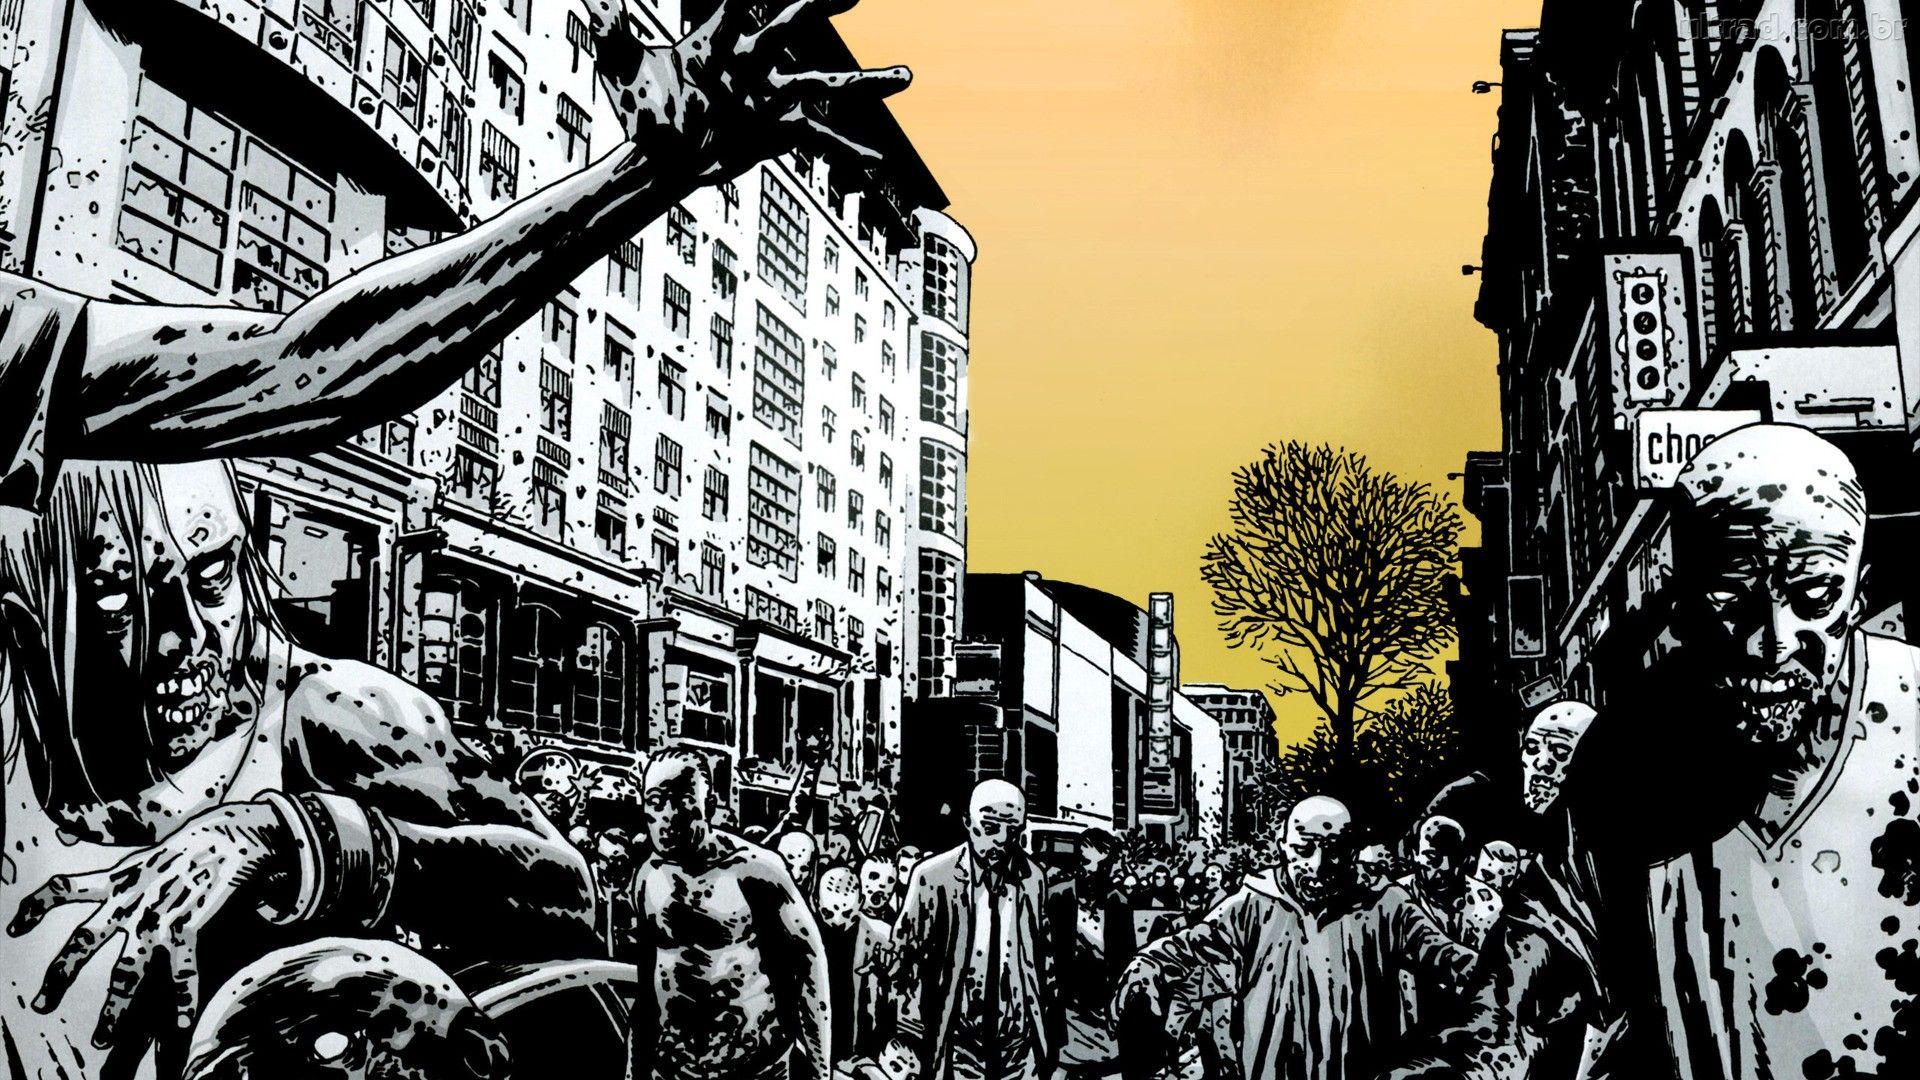 melhores hqs image comics the walking dead